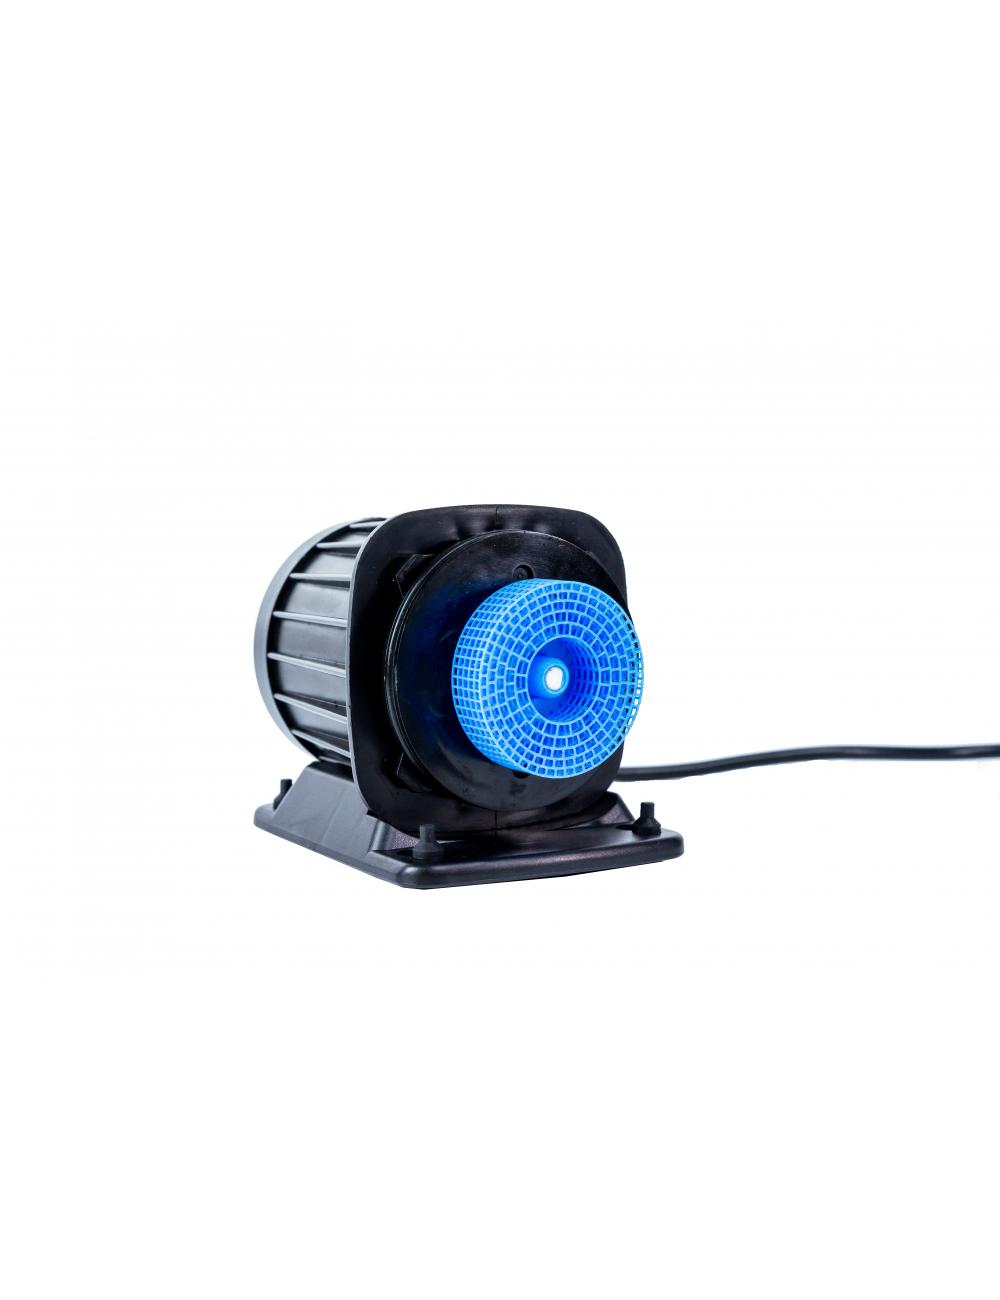 ATI - PowerCone 200 iS V2 - Écumeur pour aquarium de 500 à 1000 litres